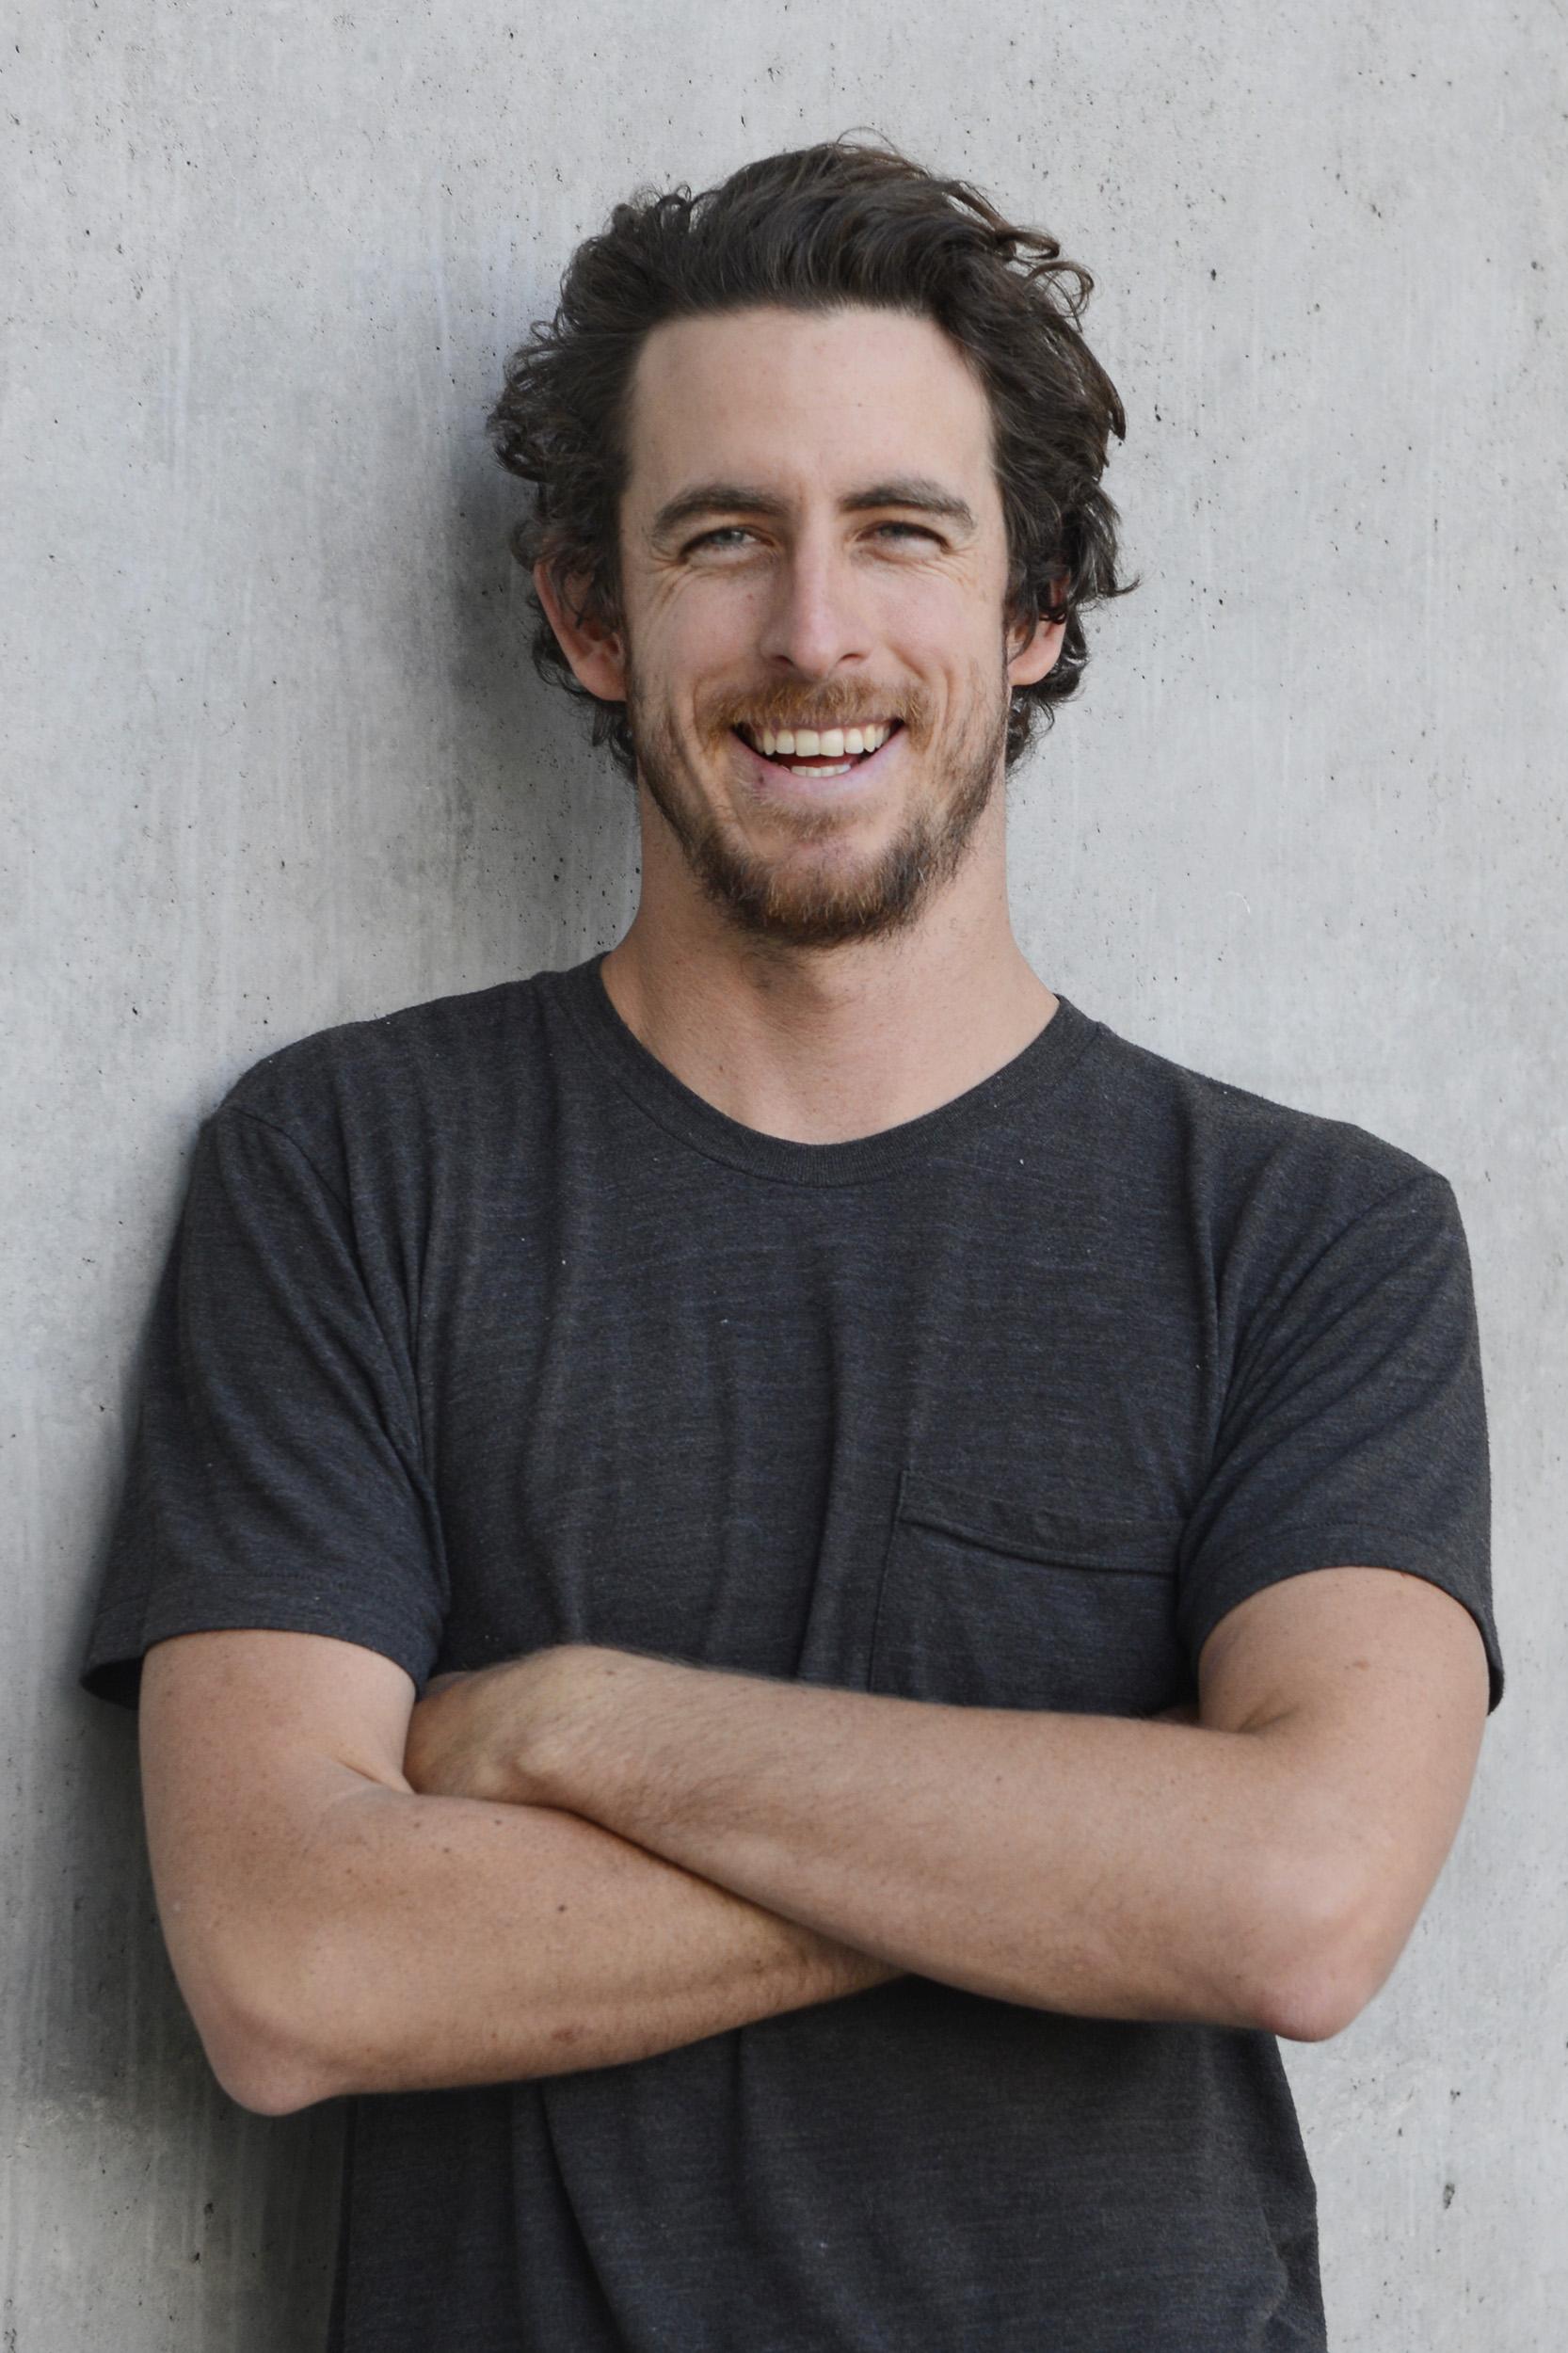 Kyle Naughton